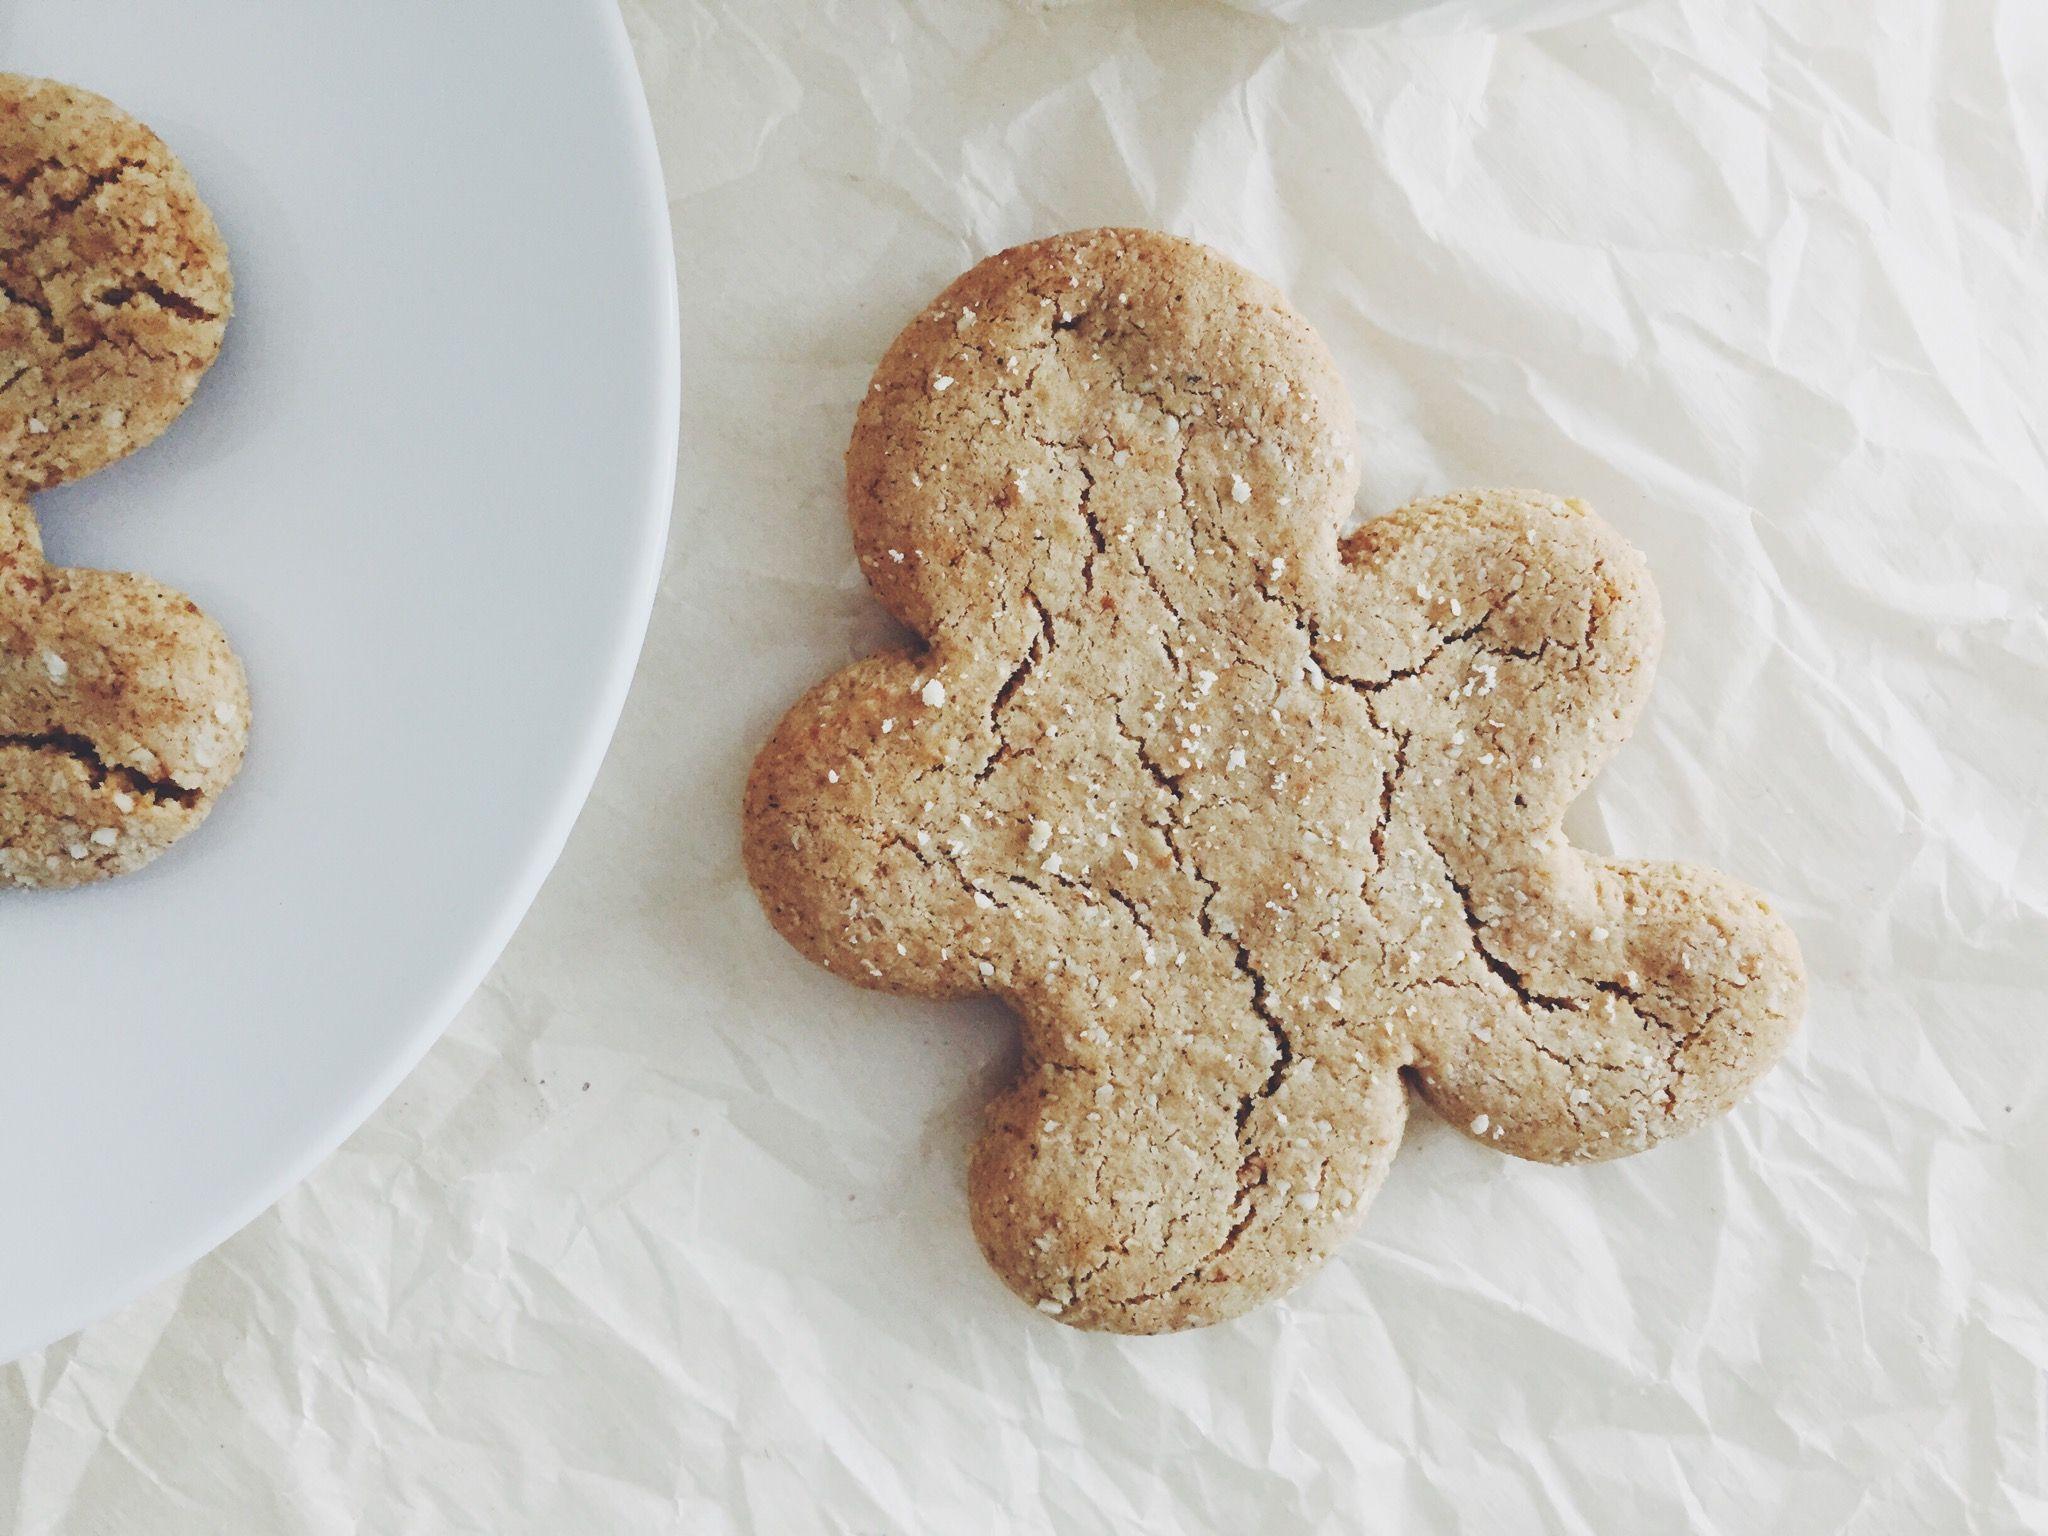 #paleo #glutenfree Gingerbread Men Cookies